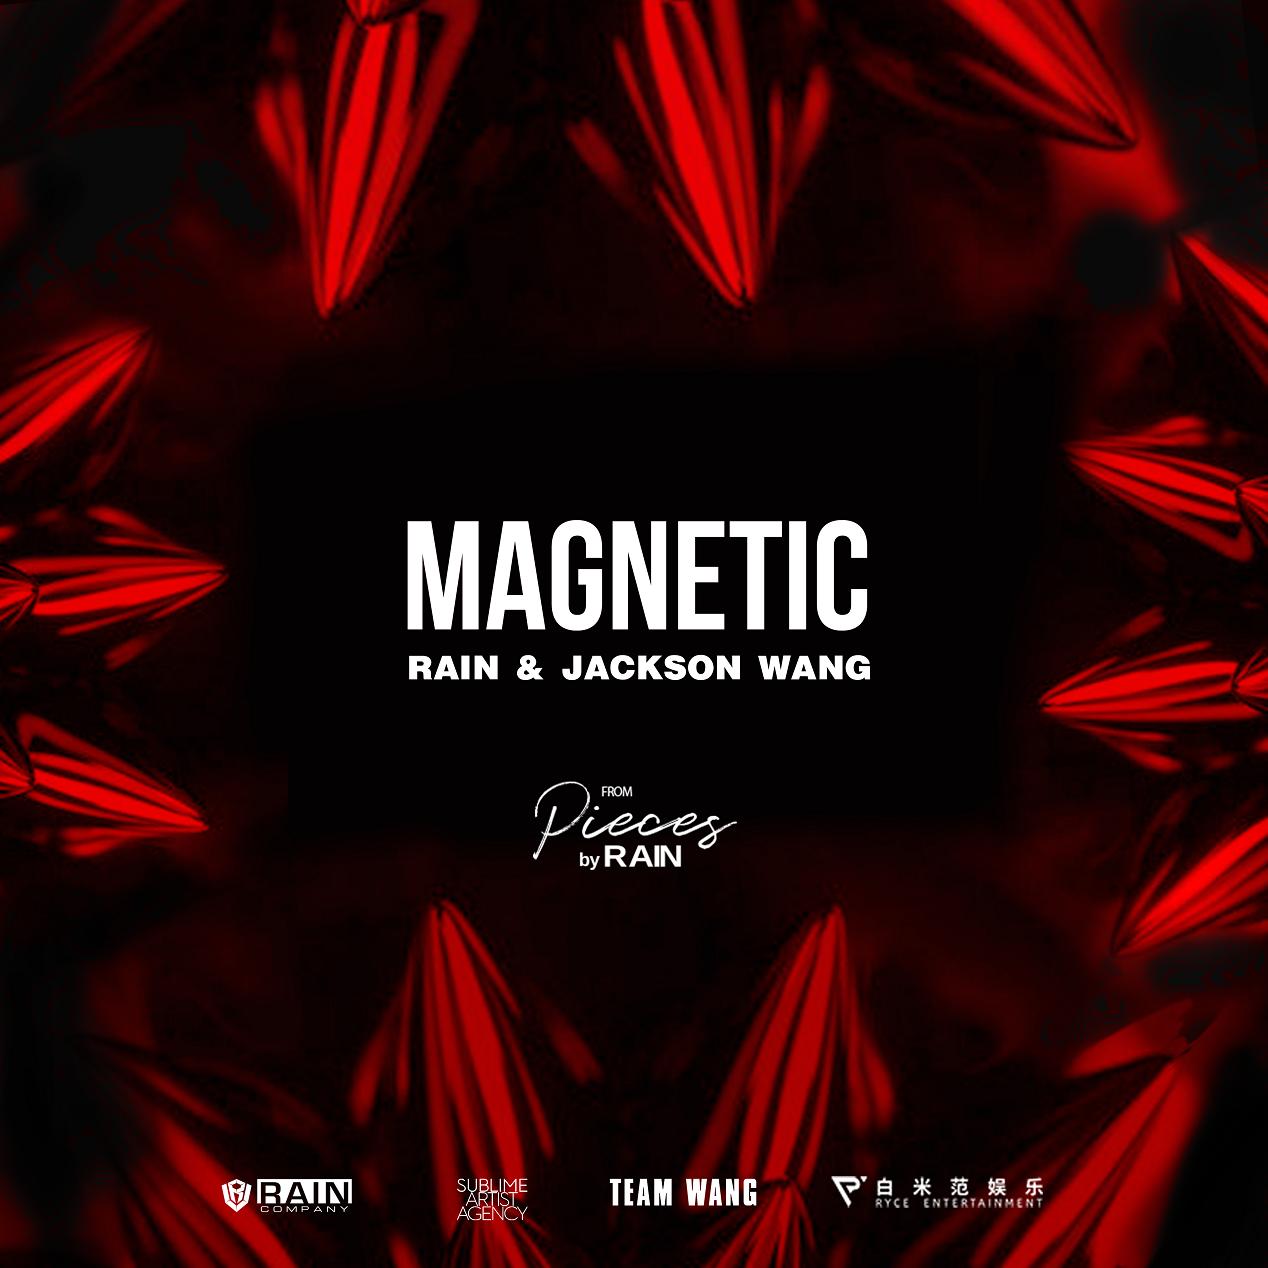 王嘉尔携手RAIN合作曲《MAGNETIC》上线 展现创作力